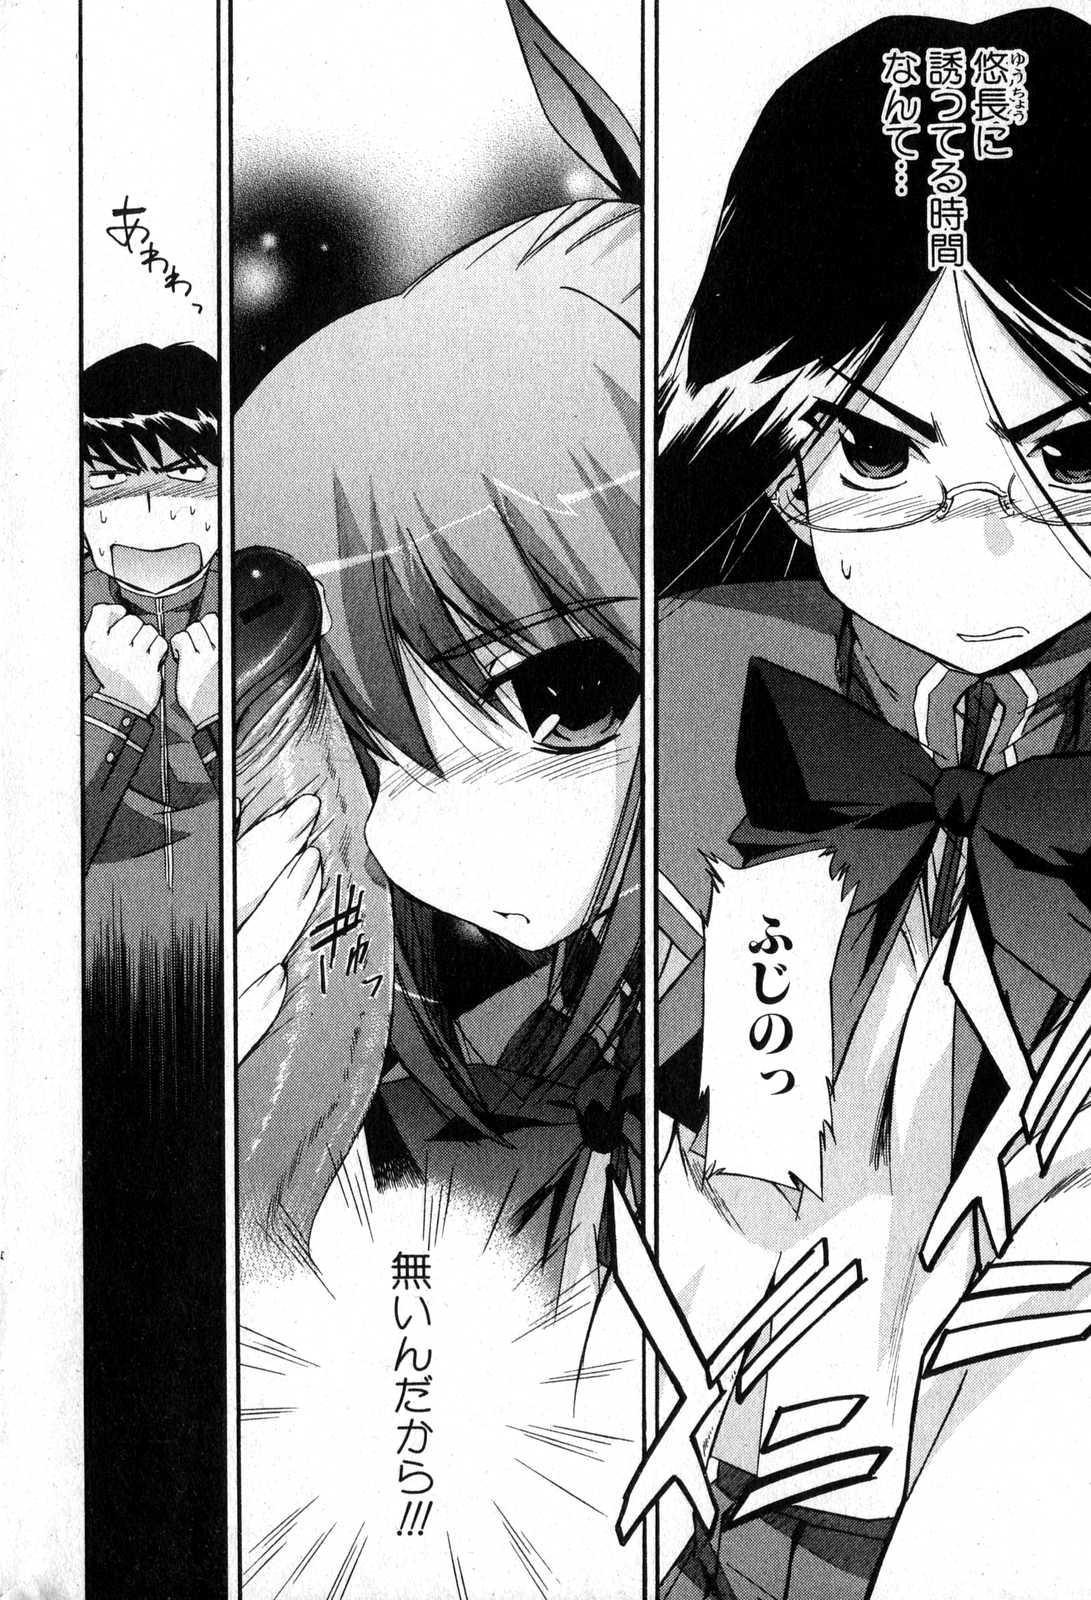 Bishoujo Teki Kaikatsu Ryoku 2007 Vol.15 13